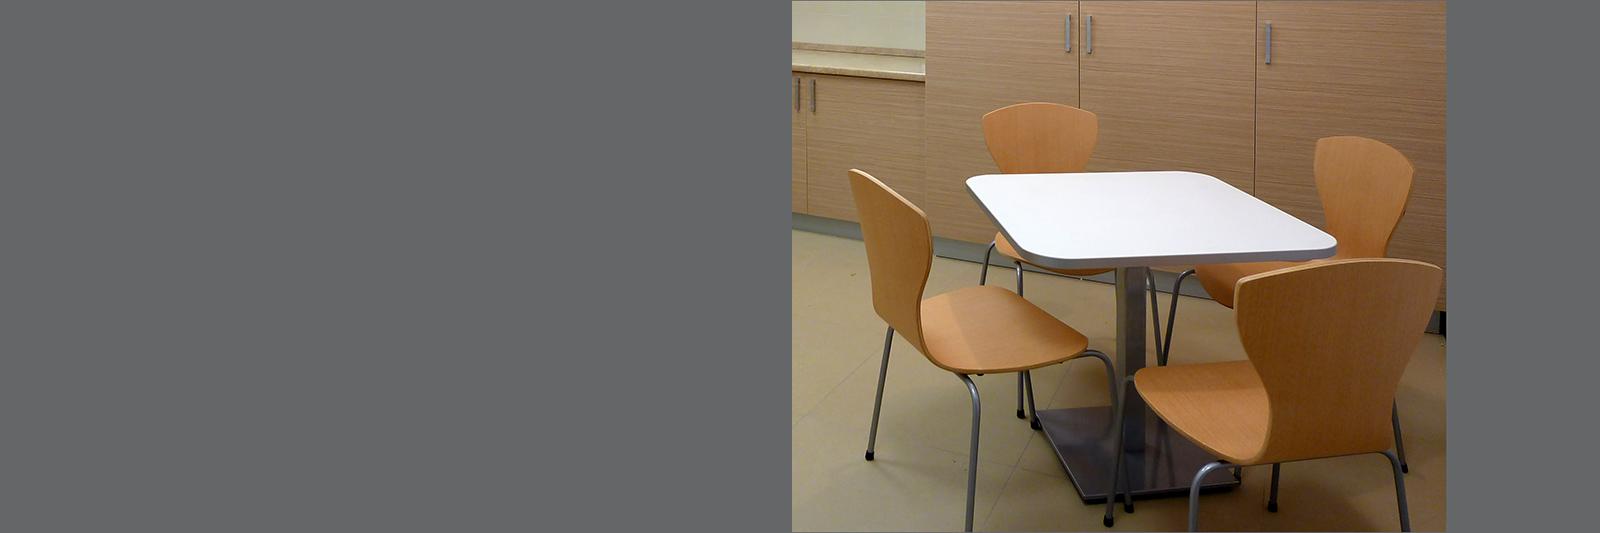 Обеденный стол по индивидуальным размерам со стульями